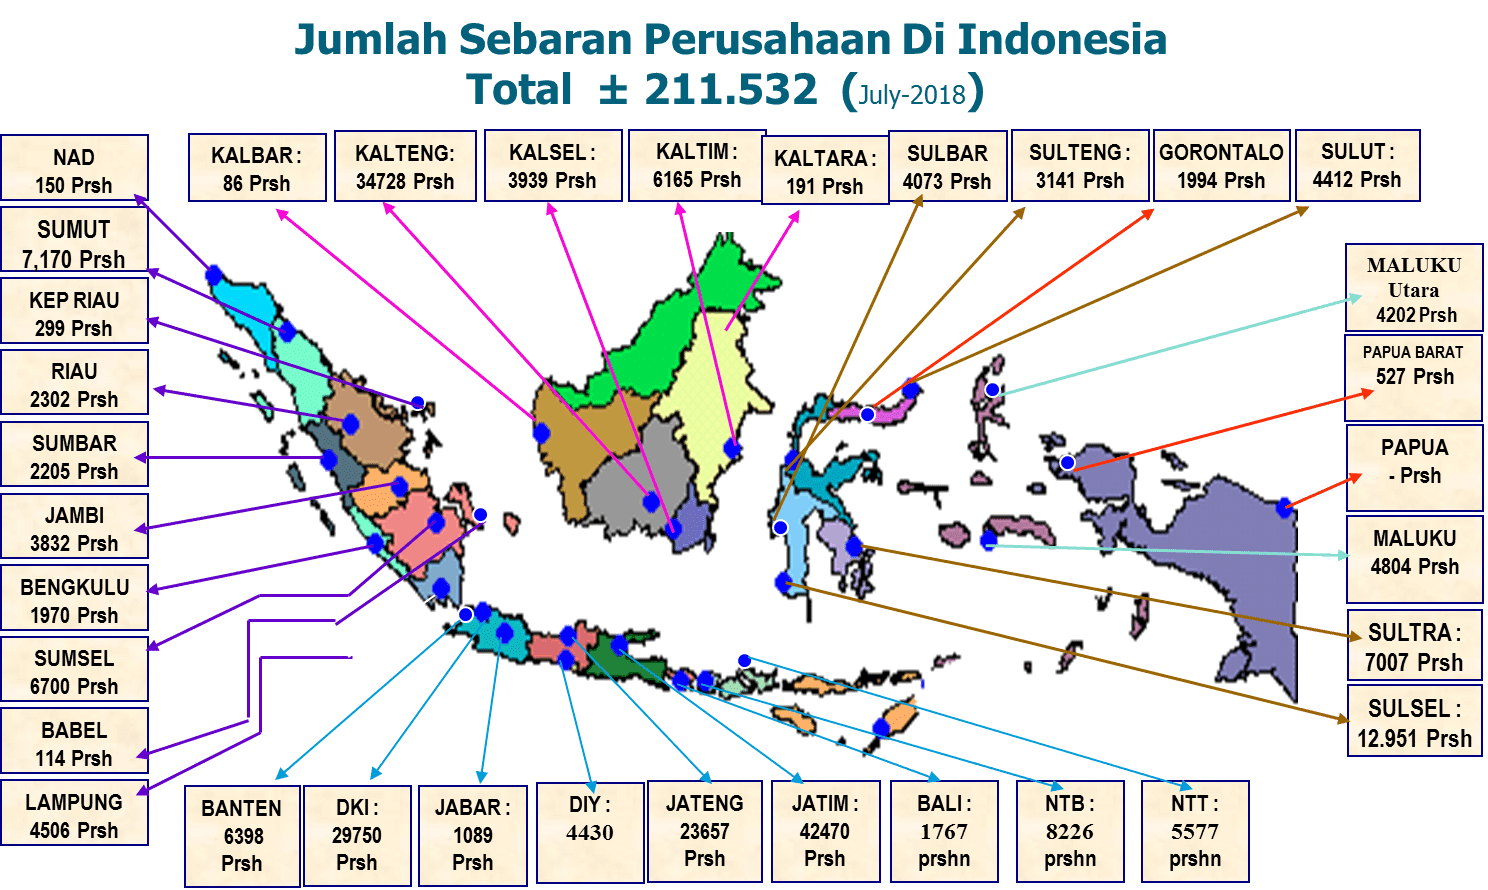 jumlah perusahaan di indonesia tahun 2018